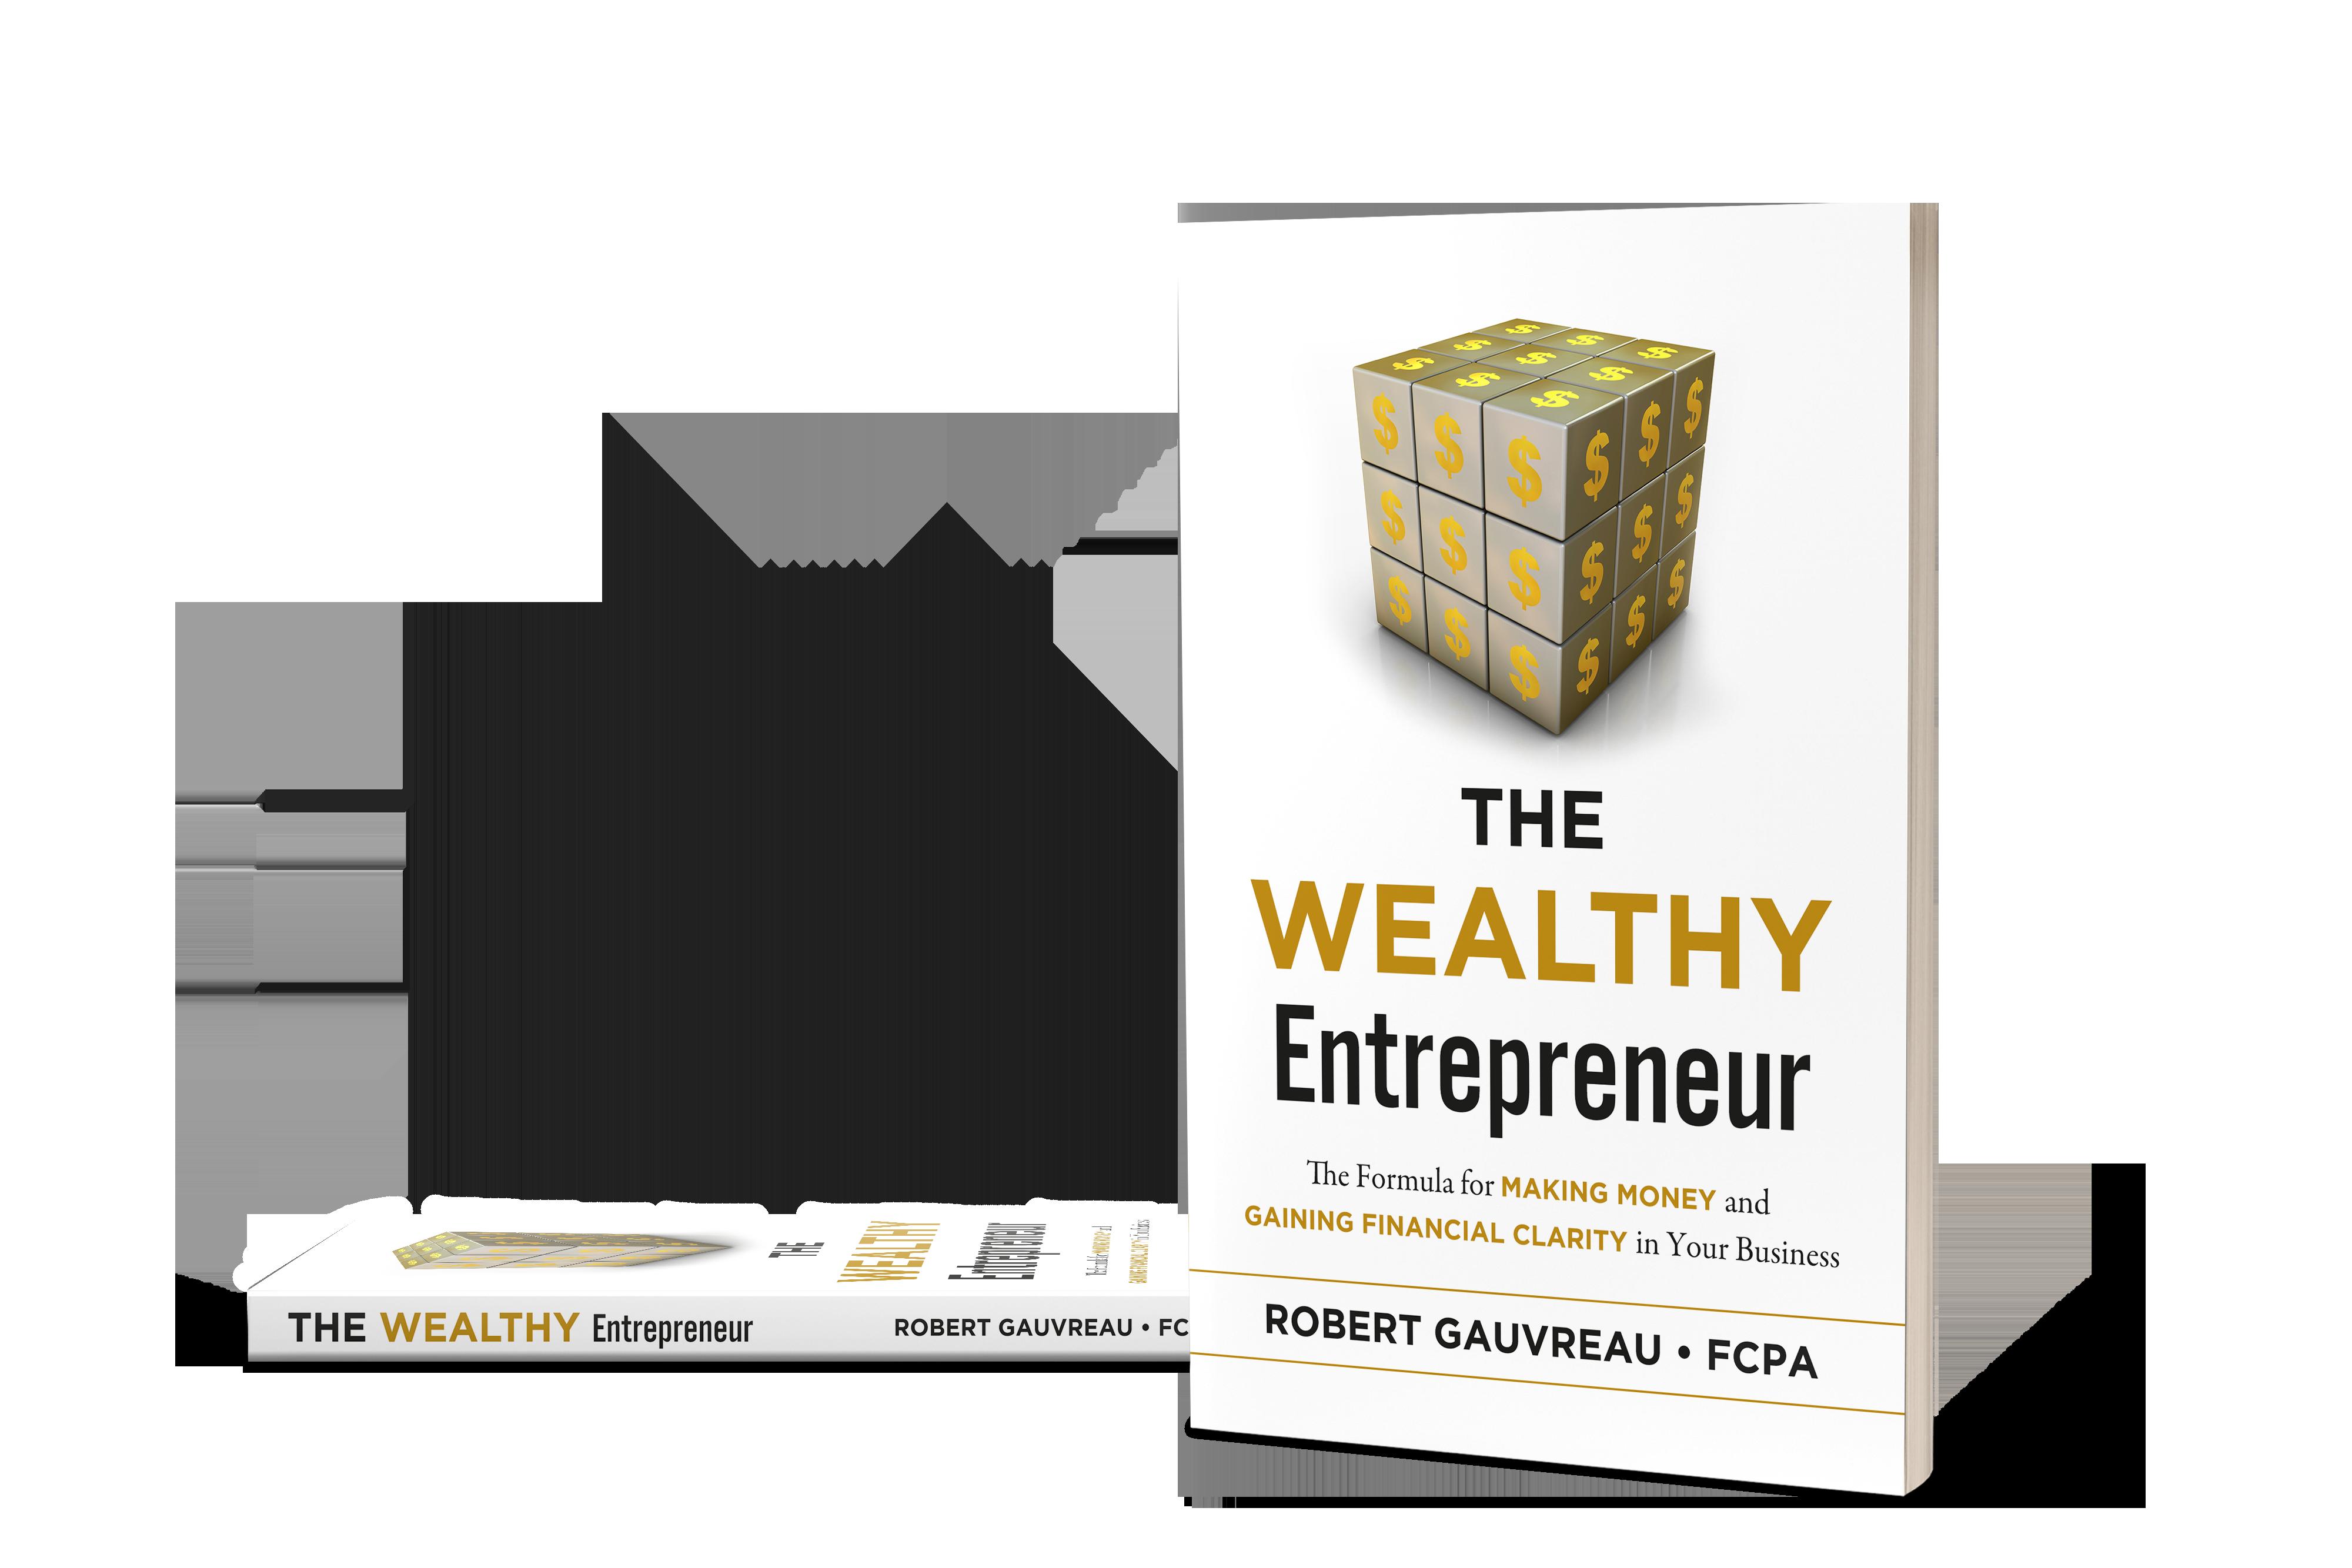 Rendering of The Wealthy Entrepreneur Book by Robert Gauvreau